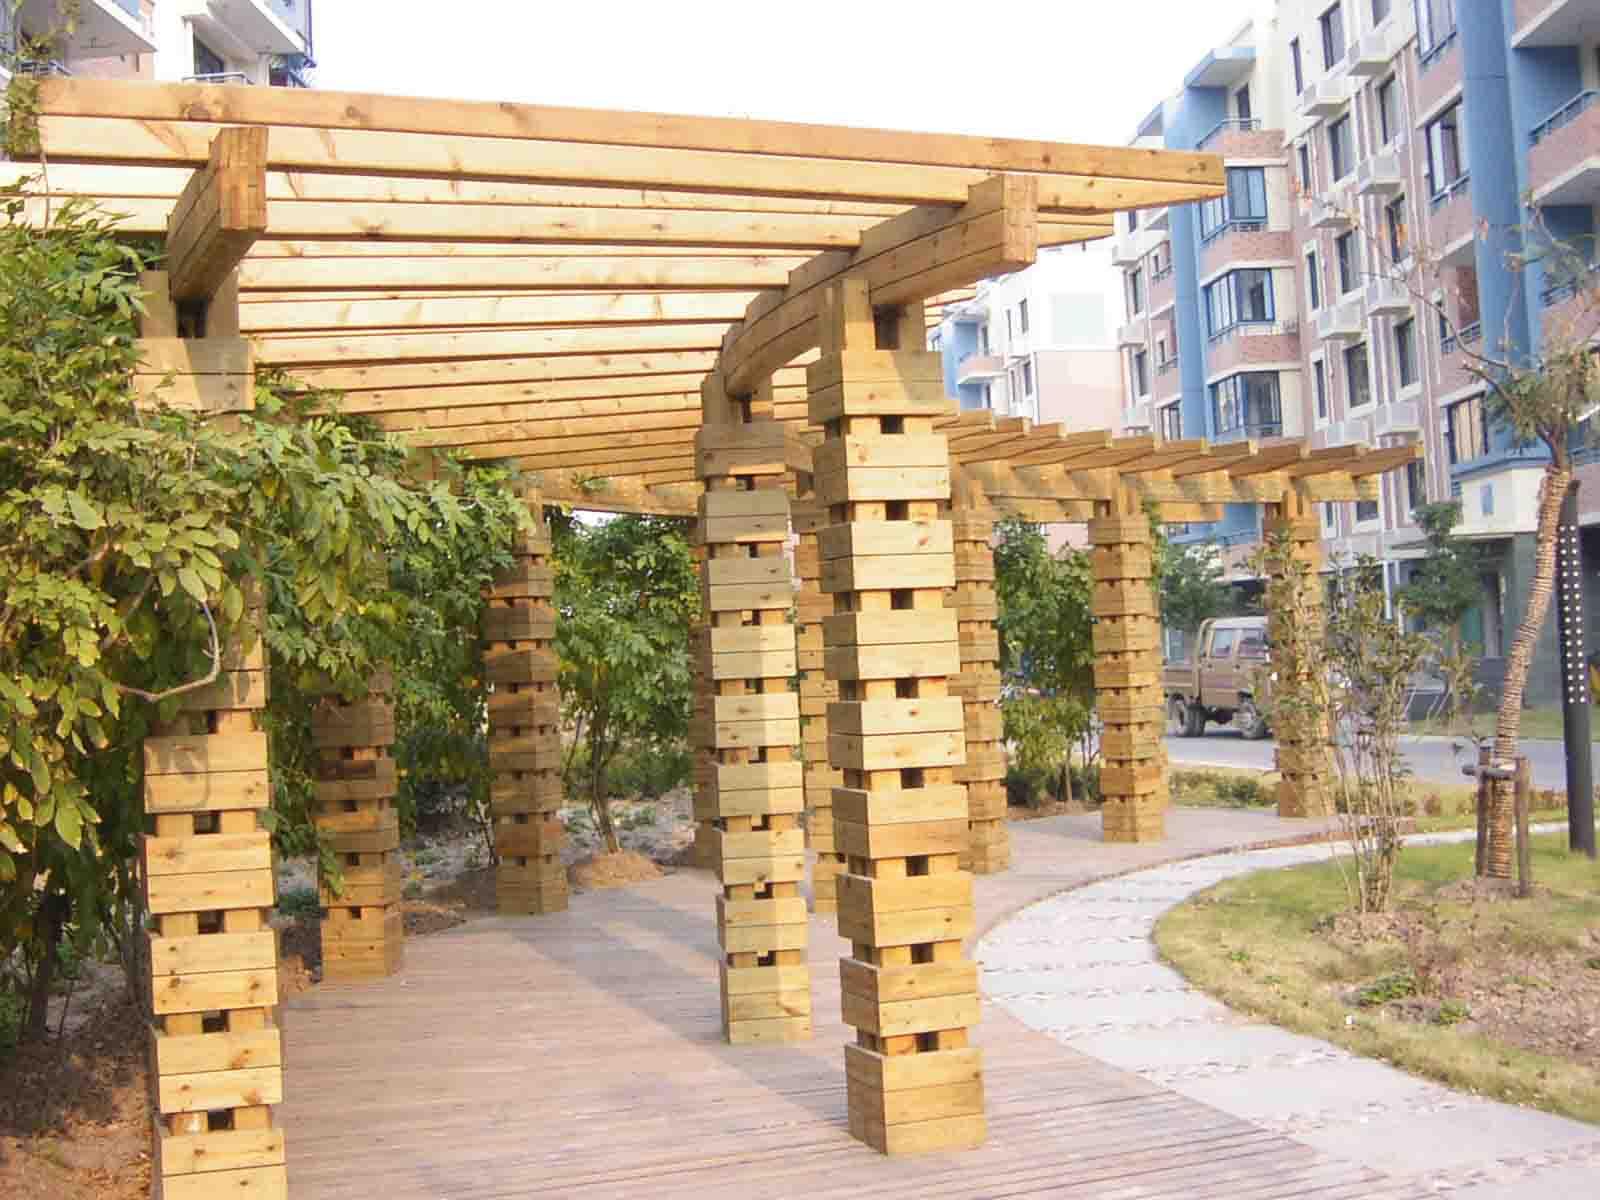 广州正山木结构工程有限公司是一家专业销售进口防腐木材和木结构技术服务的公司,是上海正山木业有限公司的下属子公司。公司引用源自世界领先的北美防腐木材研制生产技术,立足中国力求创新,致力于为中国市场提供最先进的木材防腐技术和产品。是目前中国投资规模最大的ACQ、 CCA防腐木材处理加工企业之一,同时也是中国市场从事防腐木构造工程最专业的公司之一。 公司致力于打造中国最具实力的防腐木材生产、加工、研究基地。并一直坚持追求行业领先地位,积极引进和培养防腐木材行业最高端人才。公司具有国内最早从事防腐木材研发的科技人